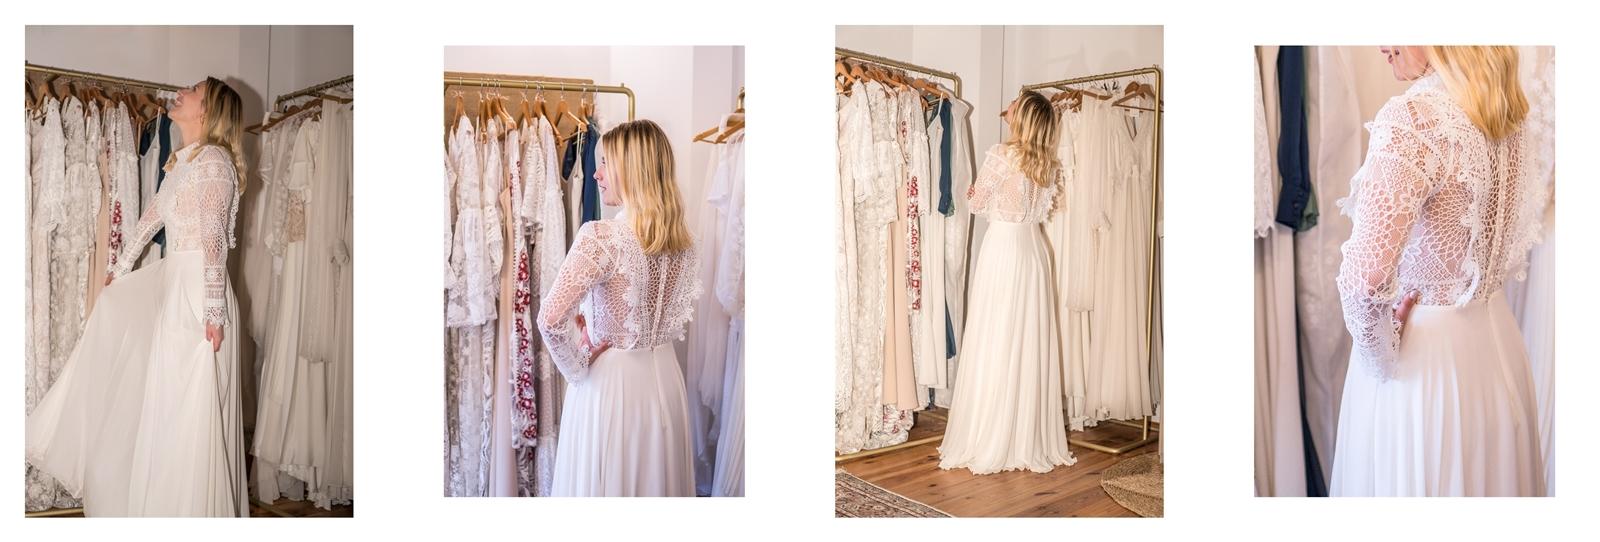 16 suknia ślubna dla puszystych dla rozwódki dla osoby nieskiej dla gruszki do figury boho rustykalna koronkowa sukienka ślubna długa